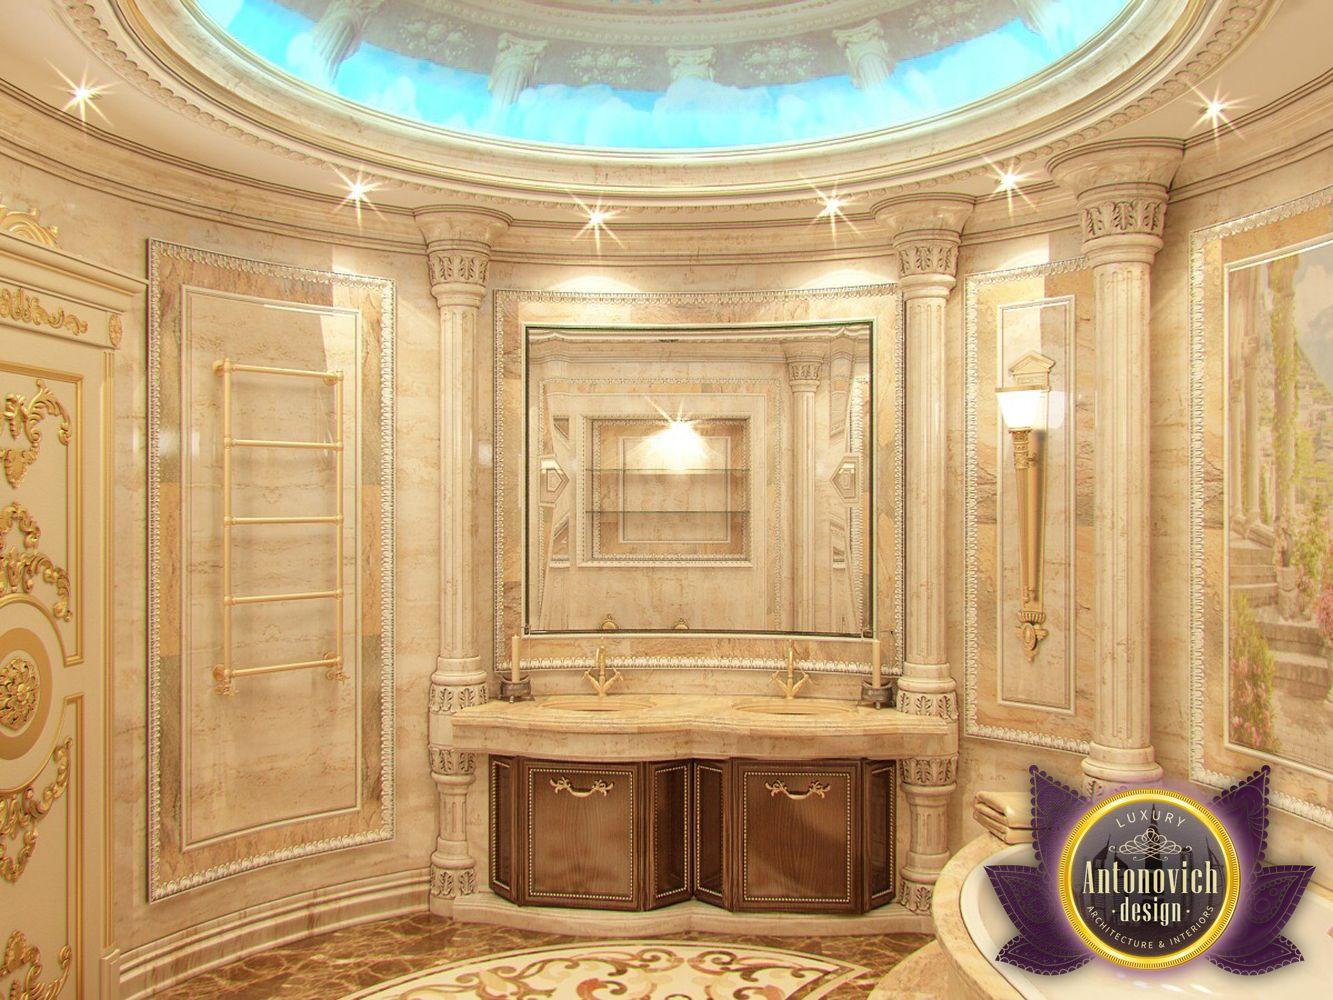 nigeiradesign Bathroom designs by Luxury Antonovich Design